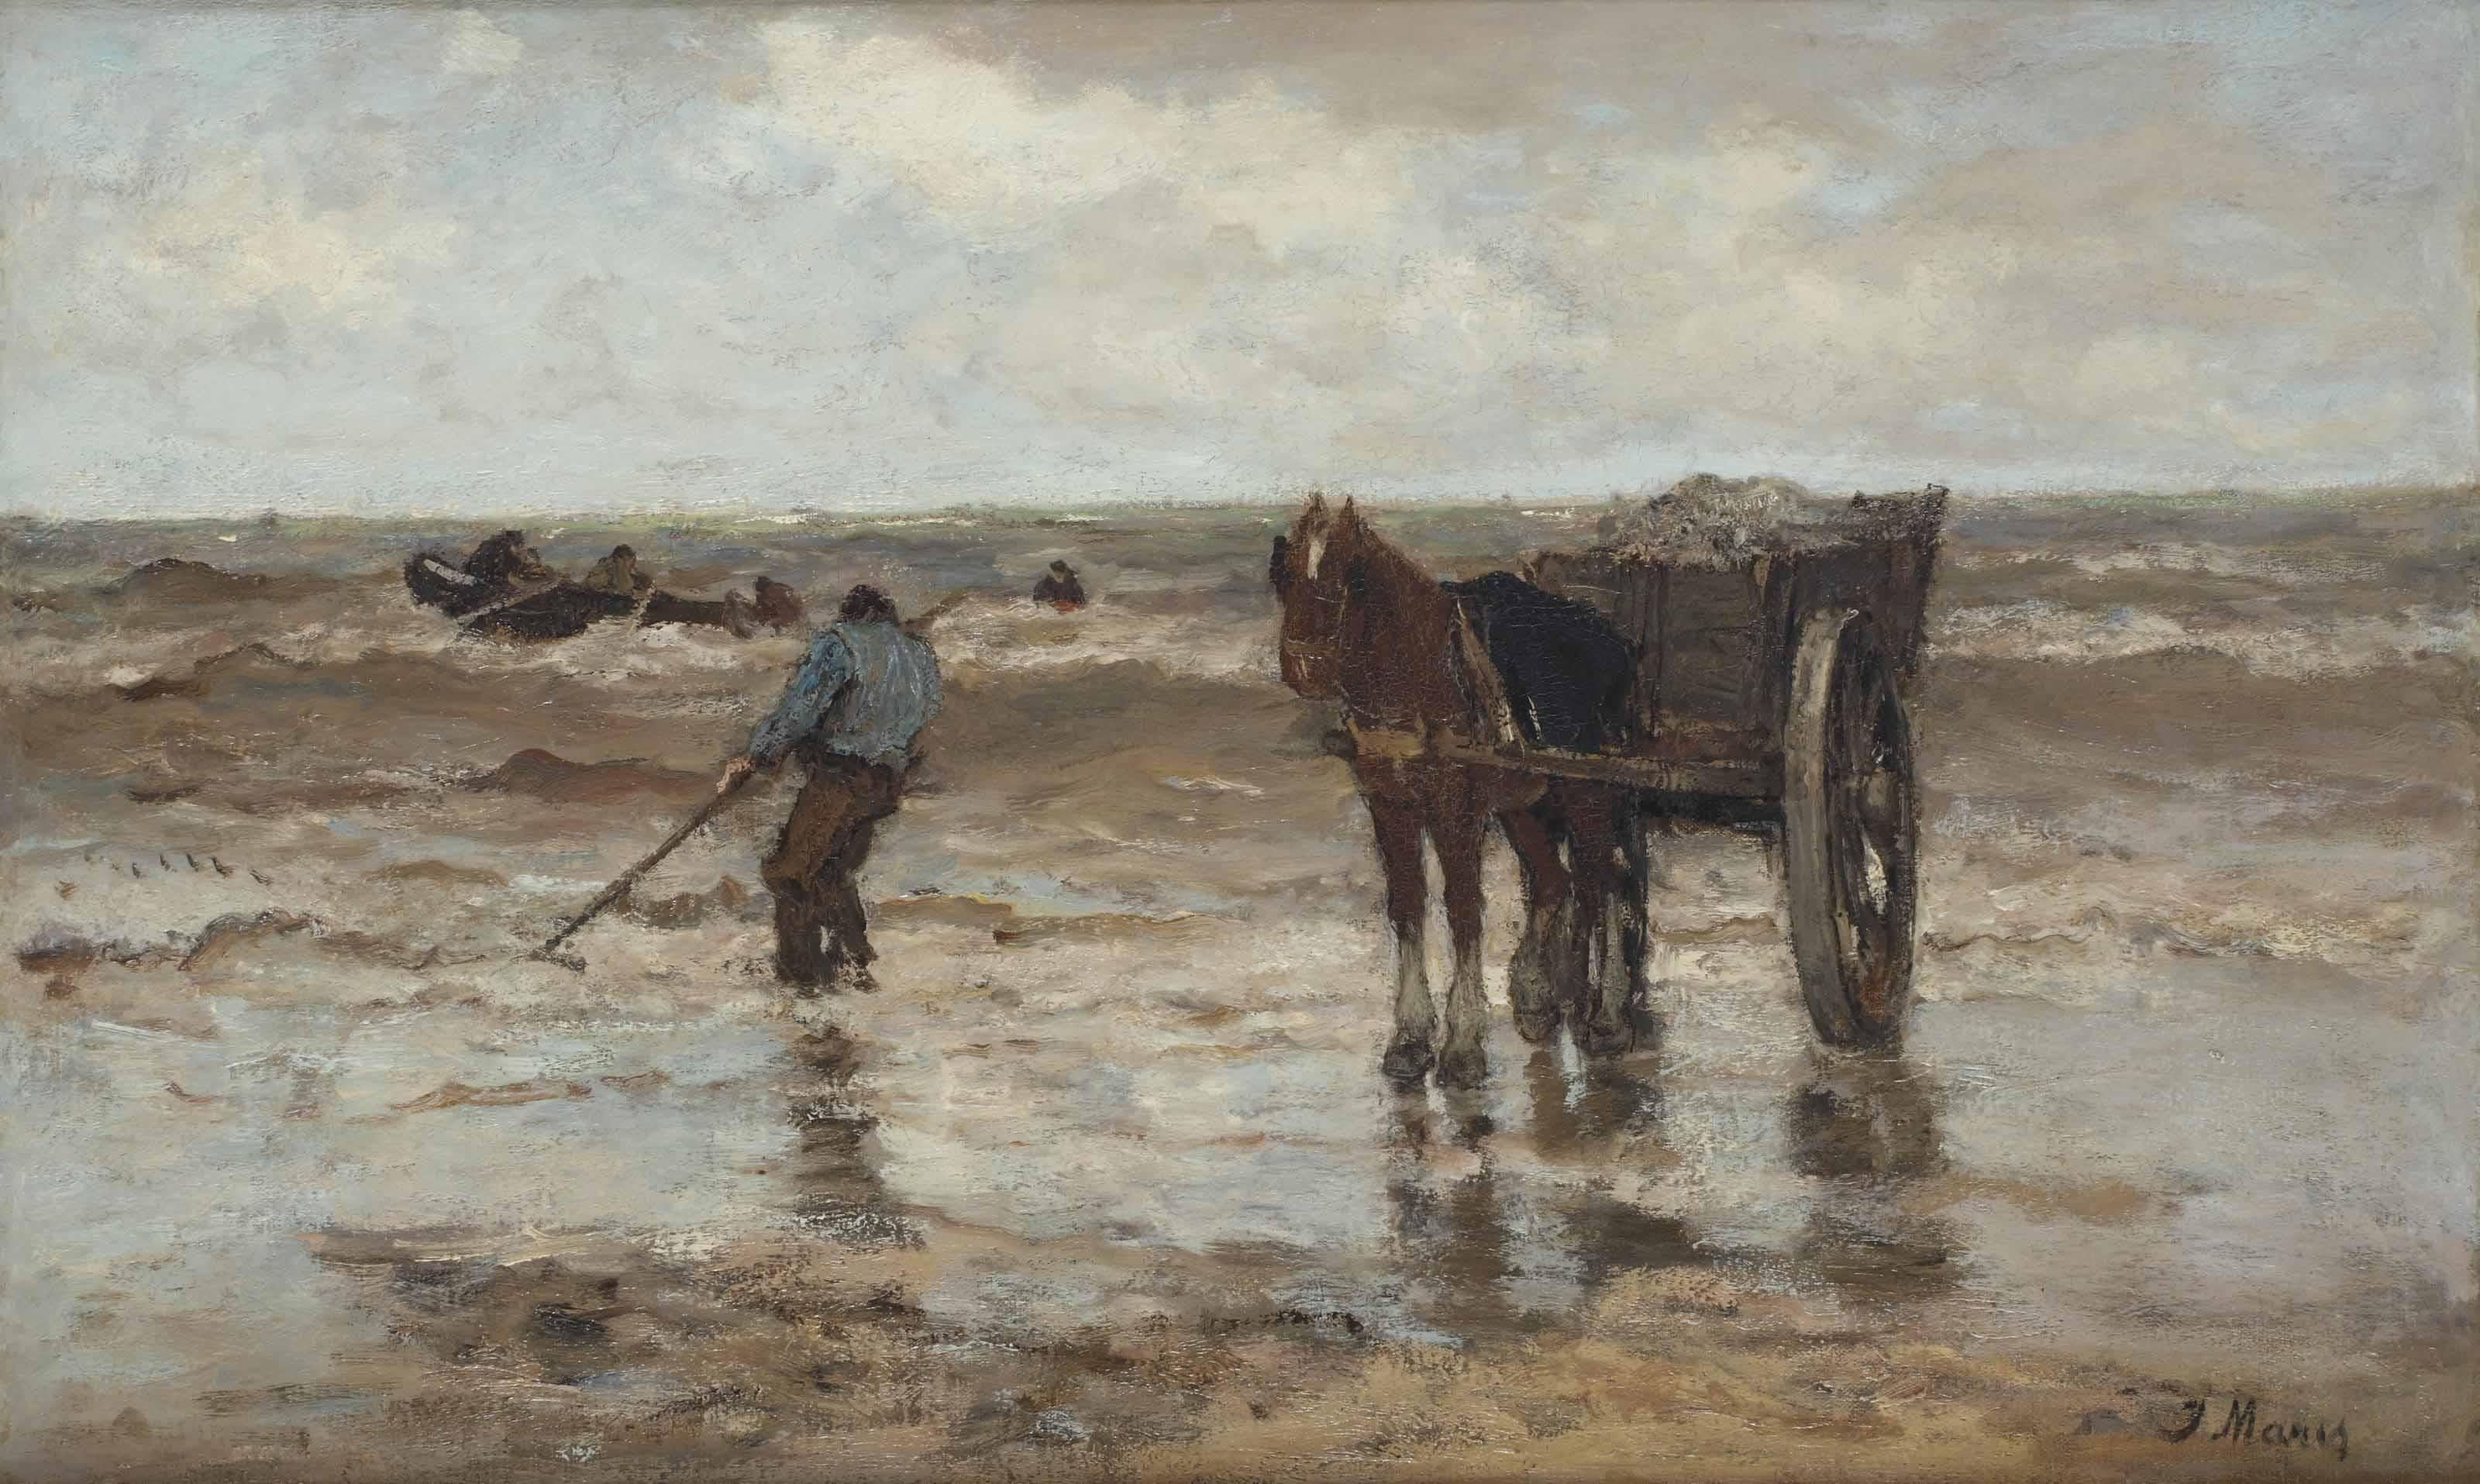 Gathering seaweed